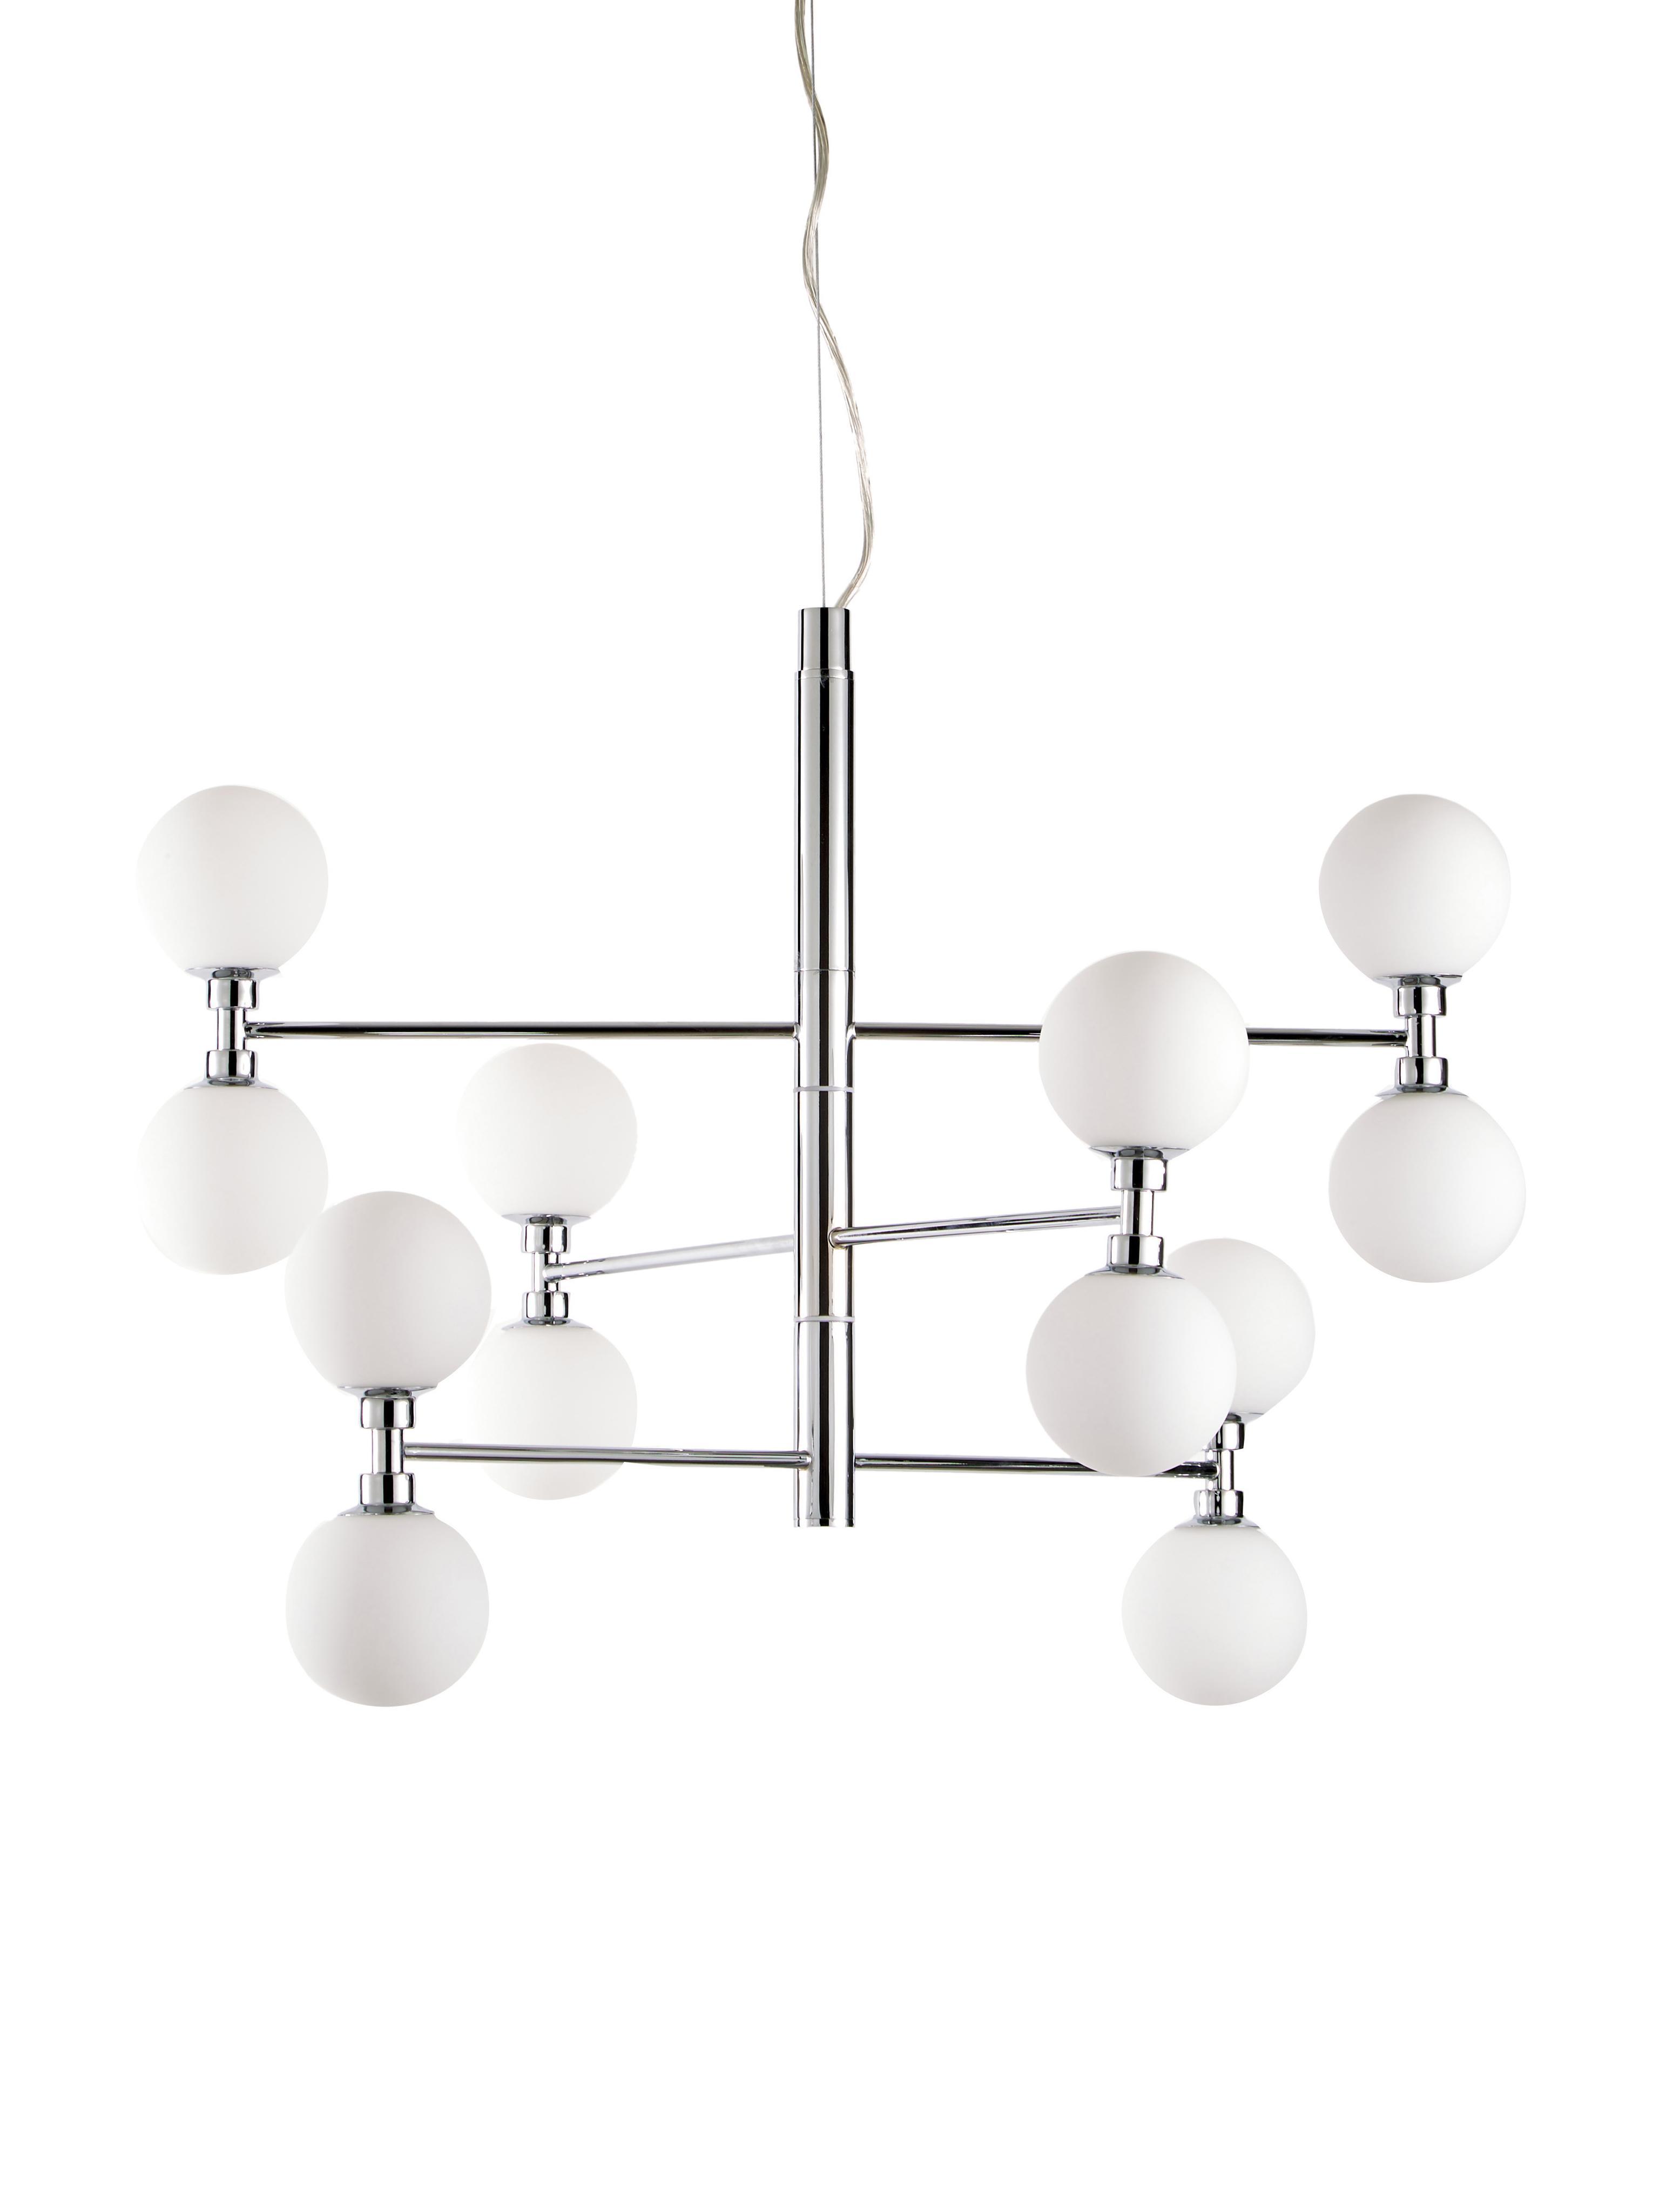 Lampada a sospensione con sfere di vetro Grover, Baldacchino: metallo cromato, Paralume: vetro, Cromo, Ø 70 x Alt. 56 cm